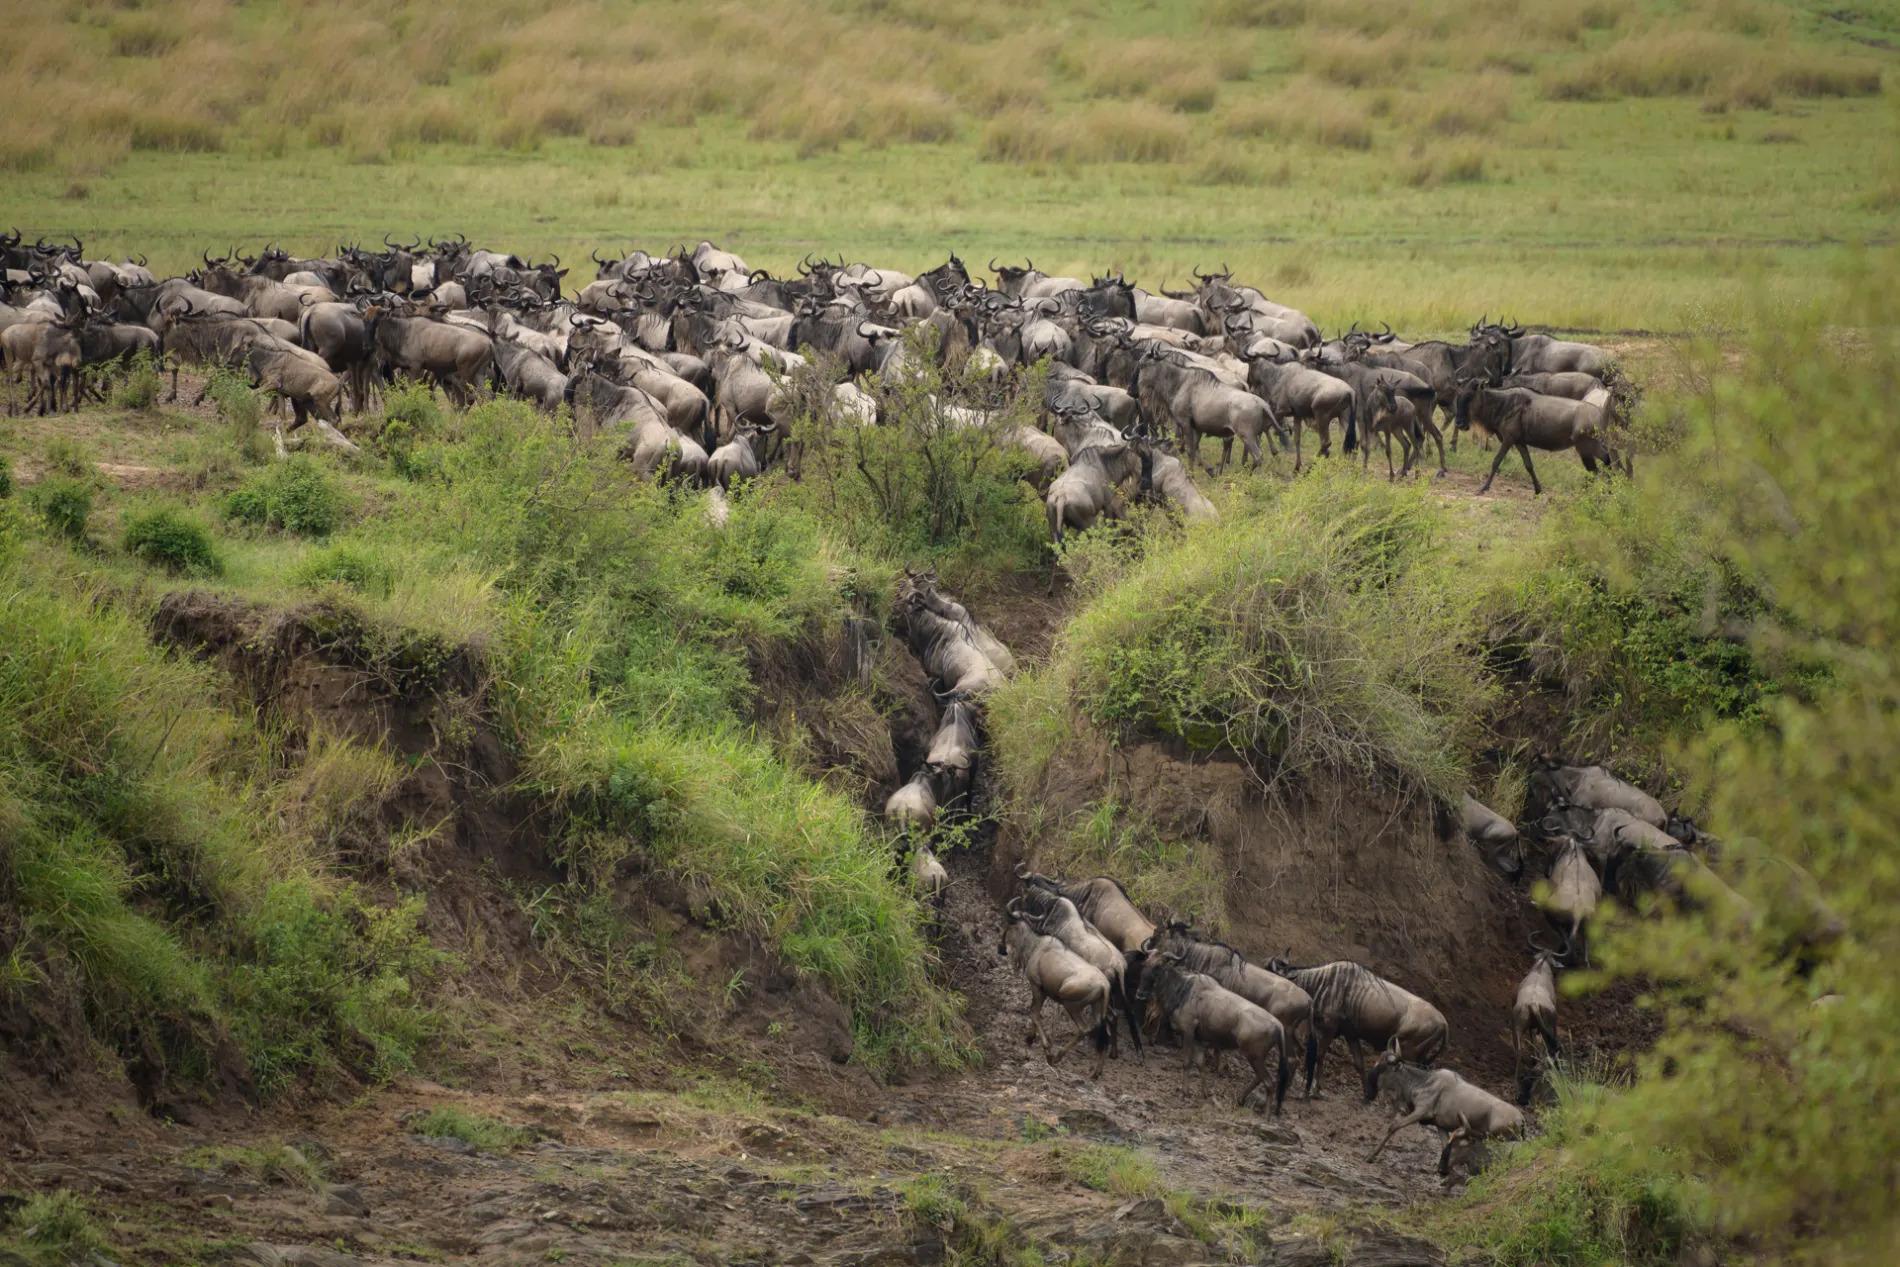 Wildebeest descending into crossing